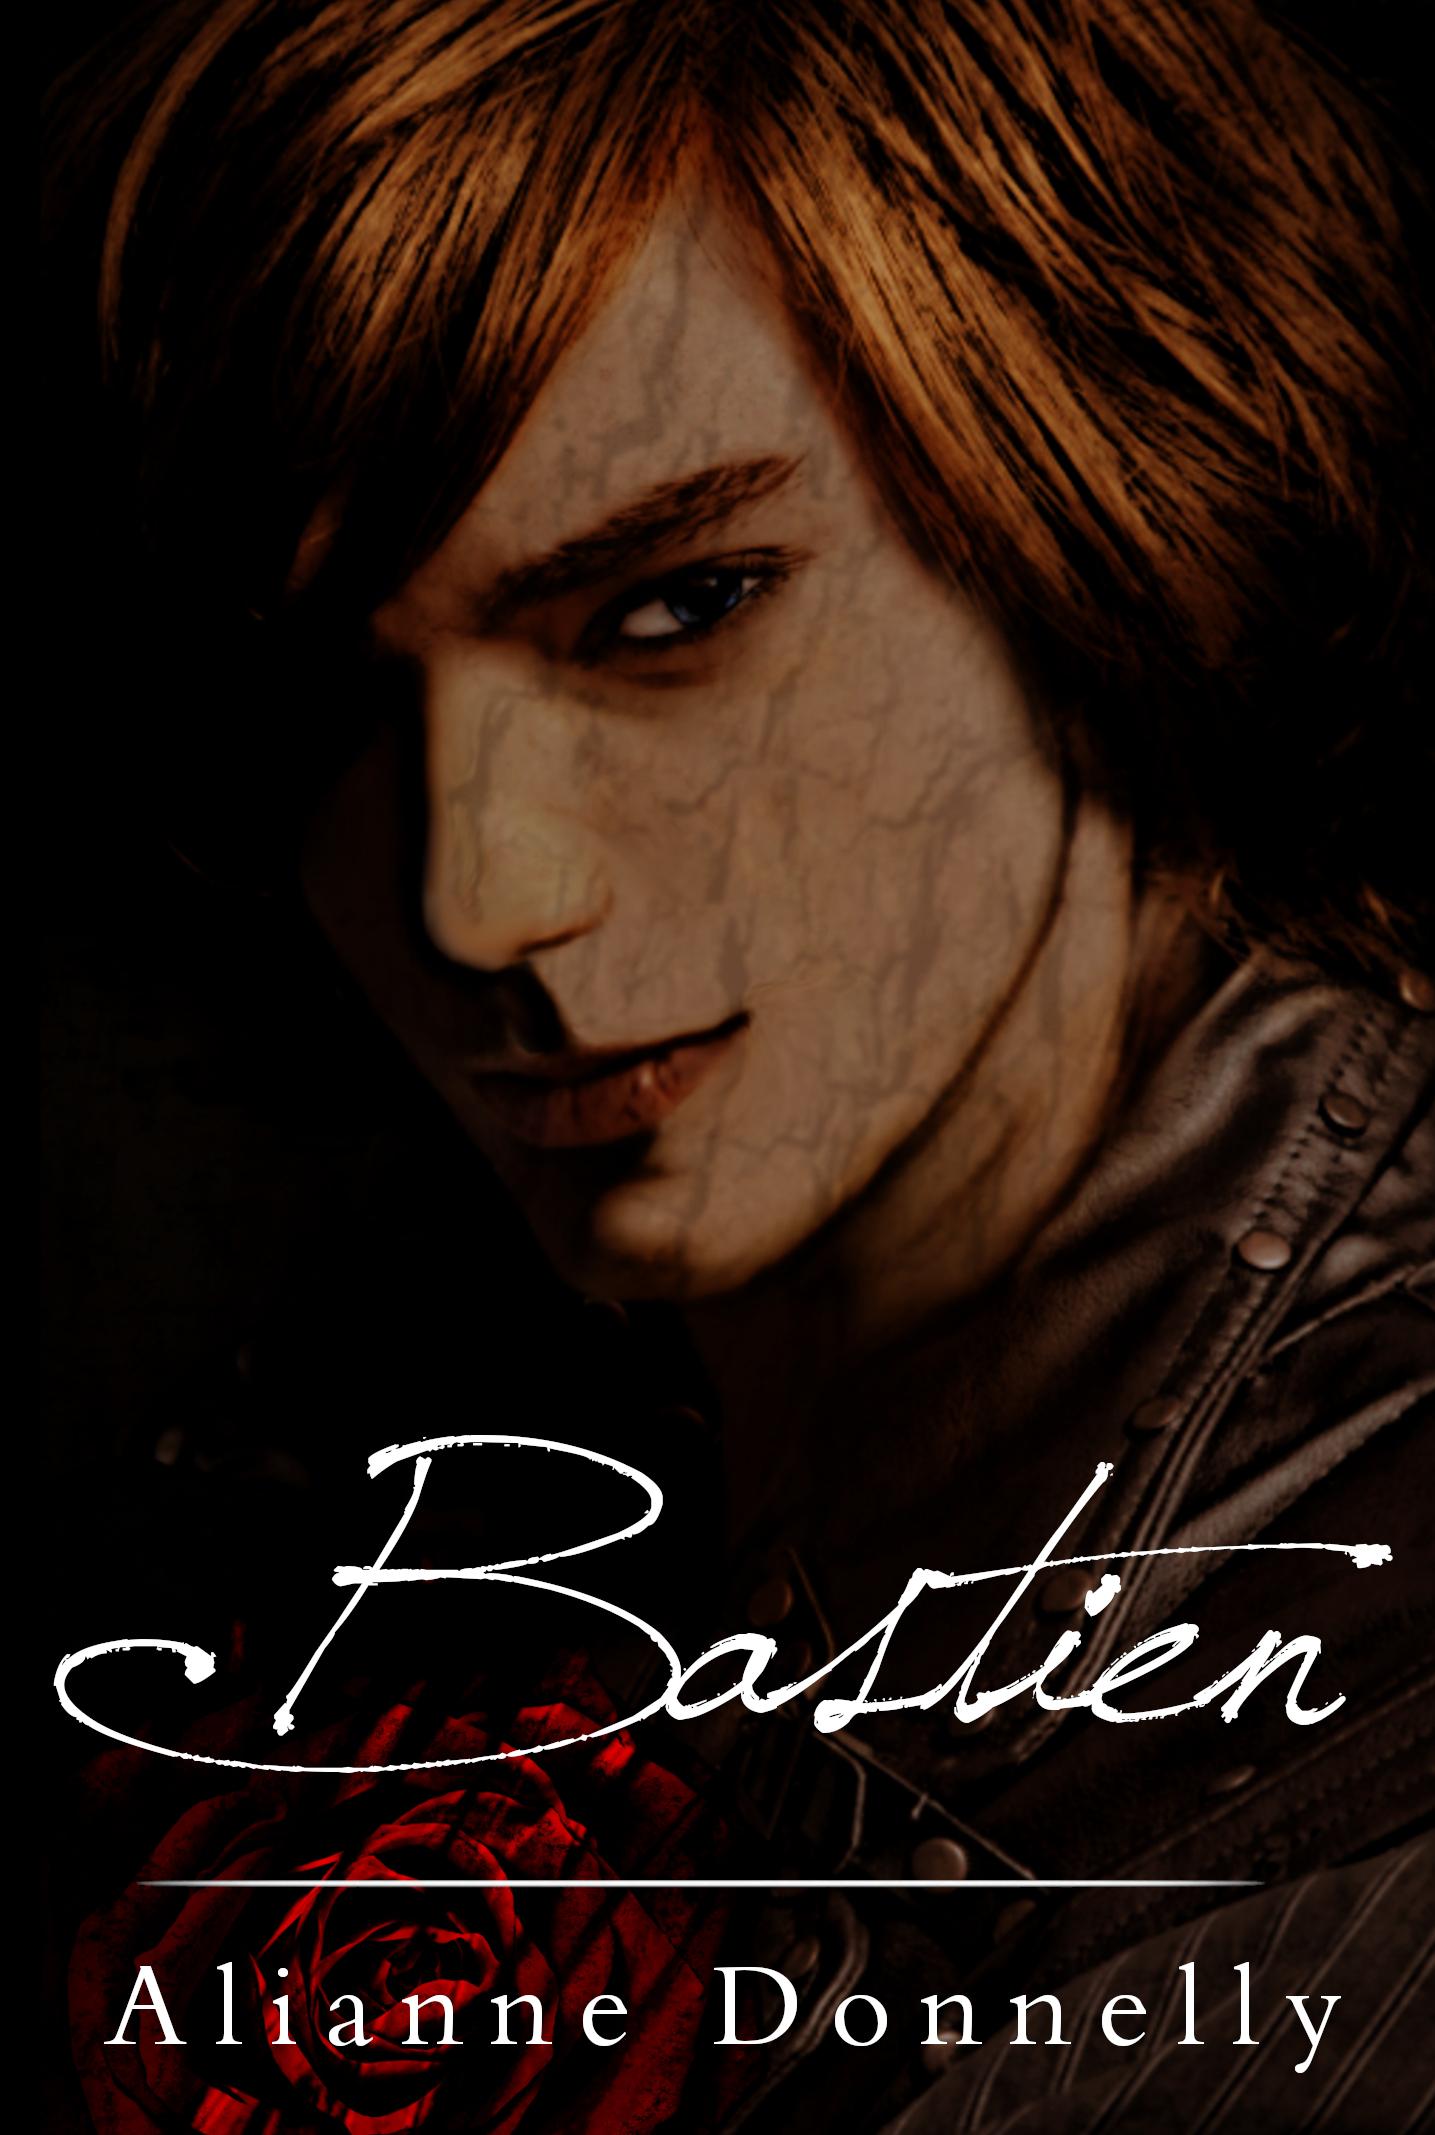 BastienP